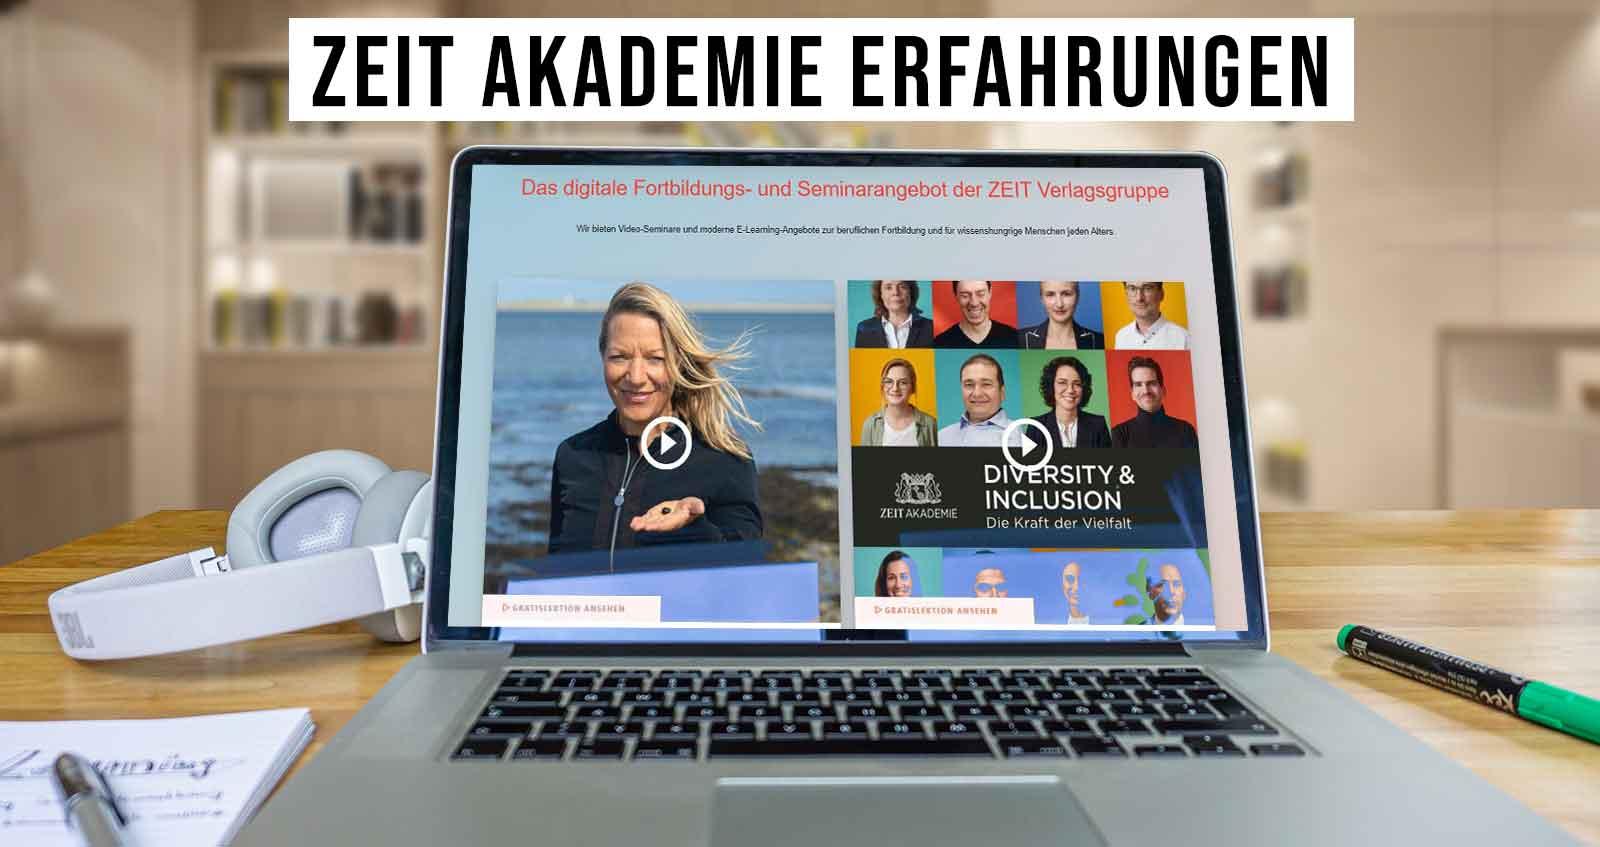 Zeit Akademie Erfahrungen Laptop Screenshot